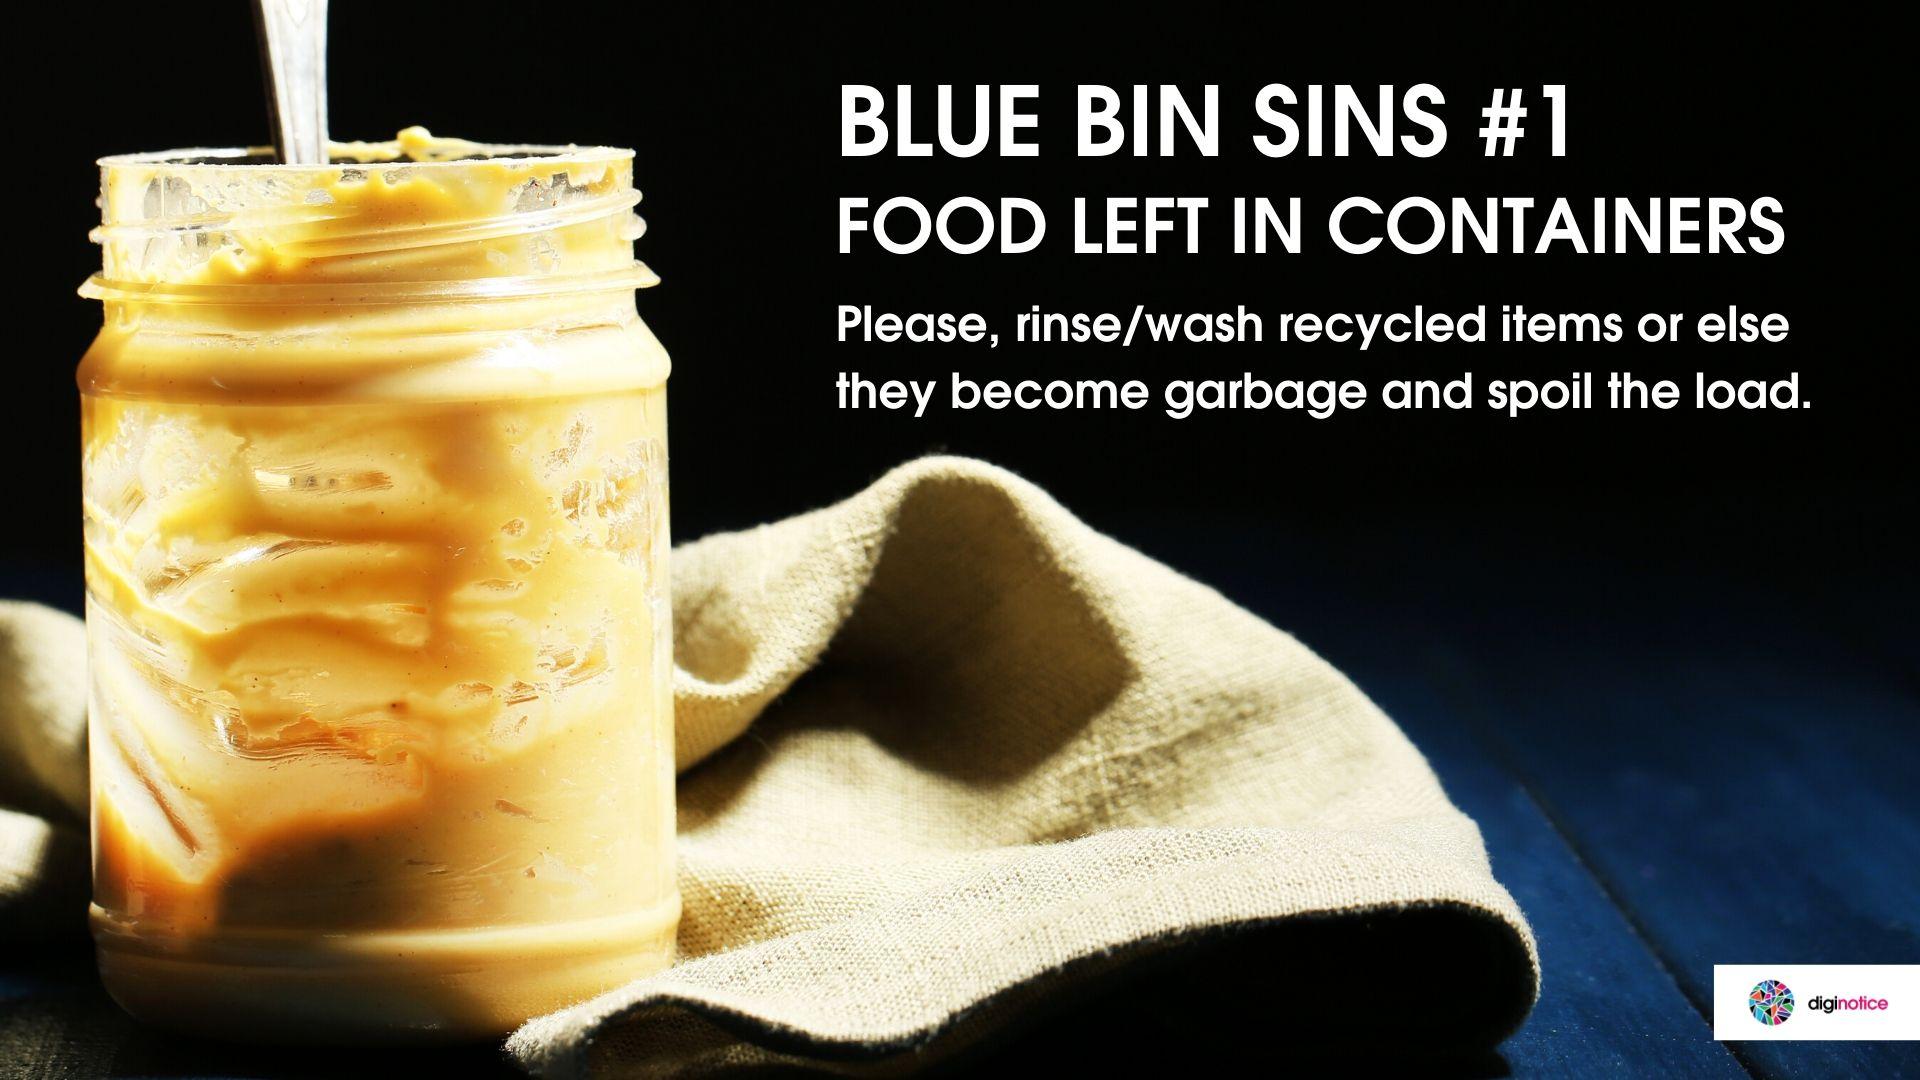 DNS_1920x1080_LOGO_Blue Bin Sin 1_Food w